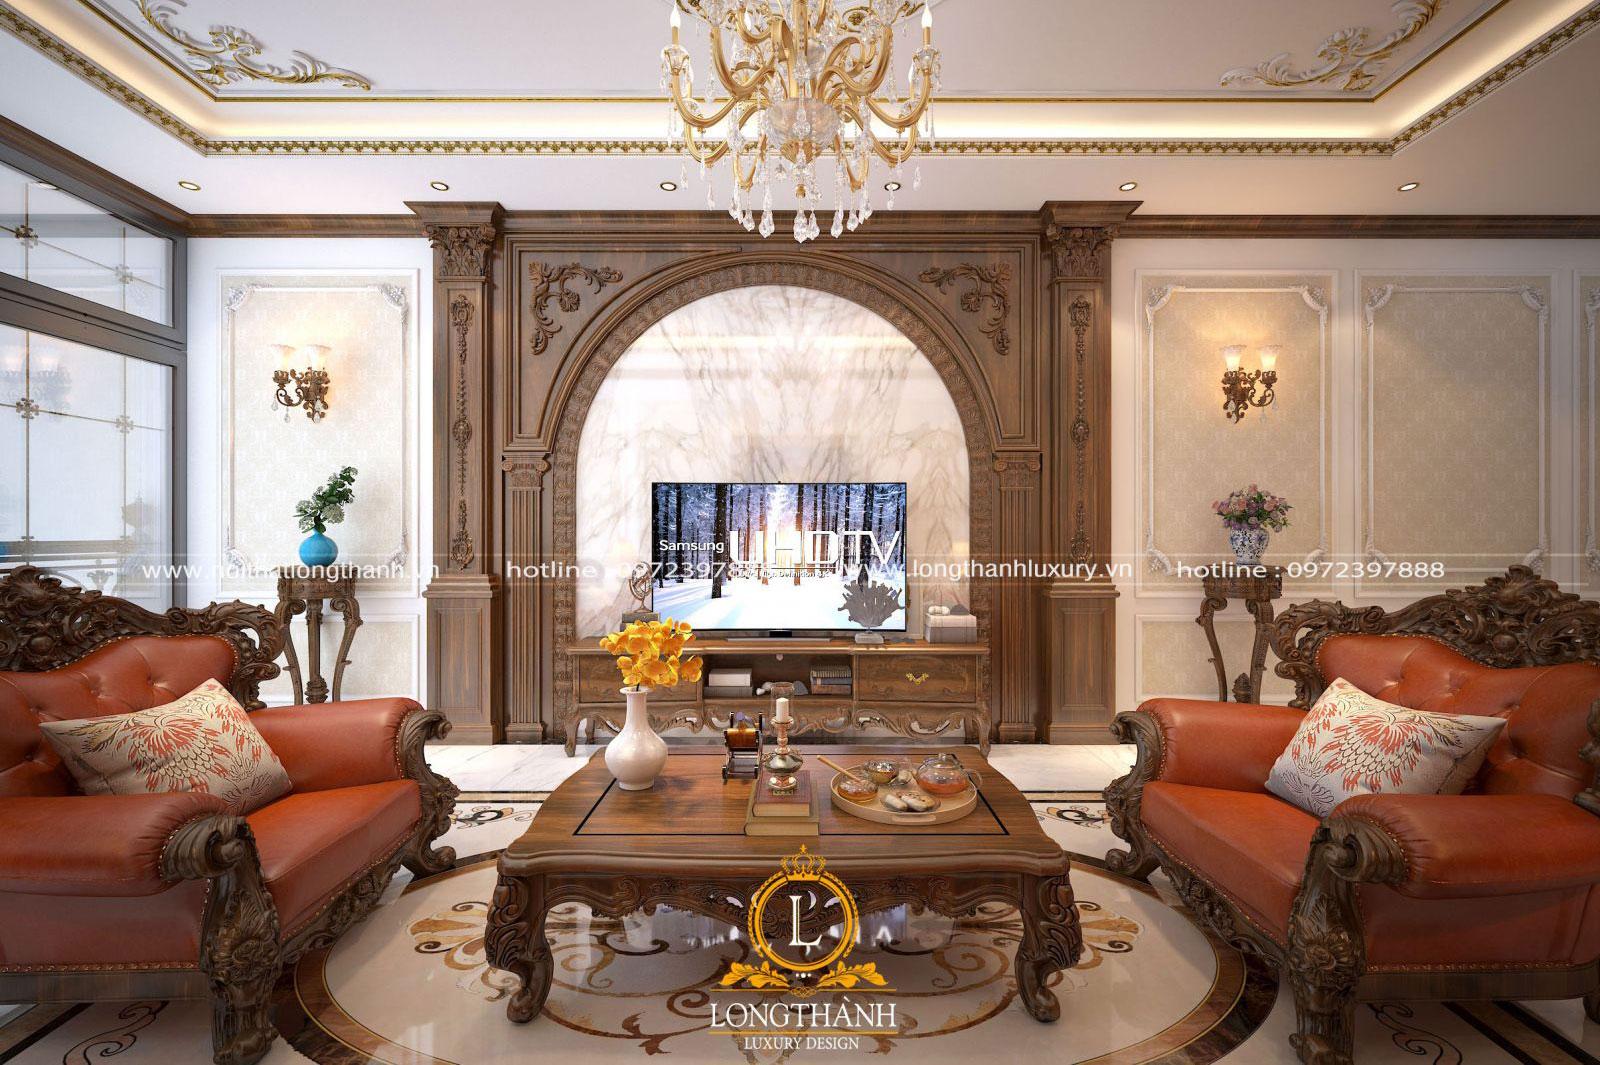 Mẫu thiết kế phòng khách nhà ống đẹp theo phong cách tân cổ điển